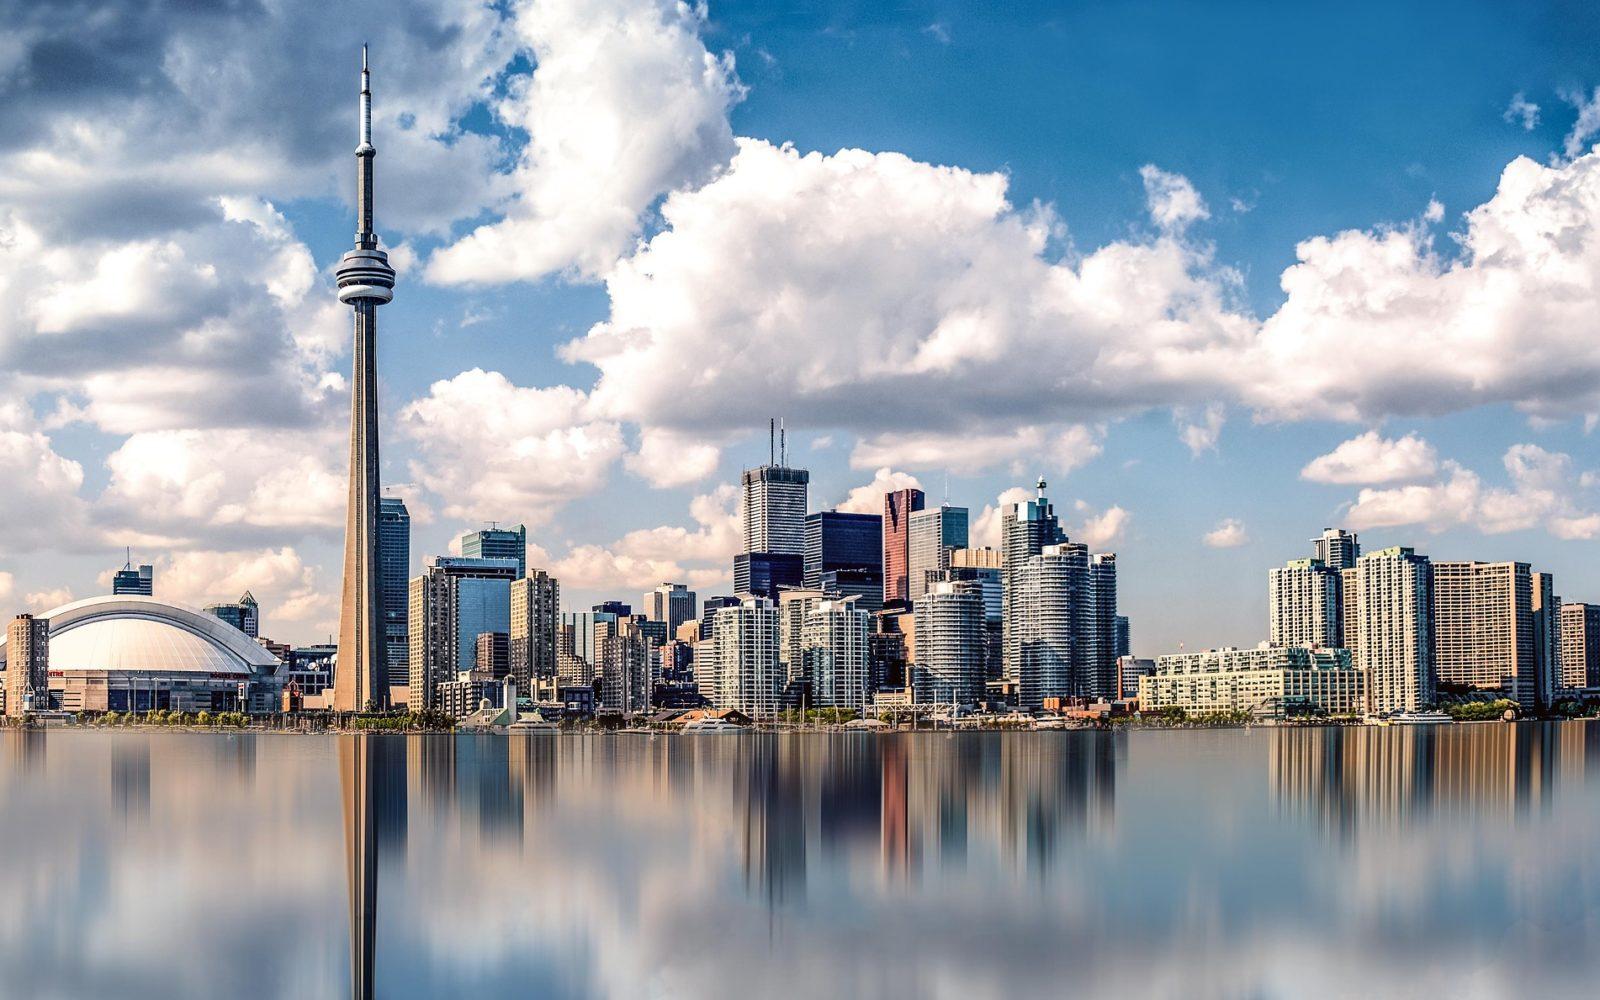 Toronto für wahre Ergebnisse